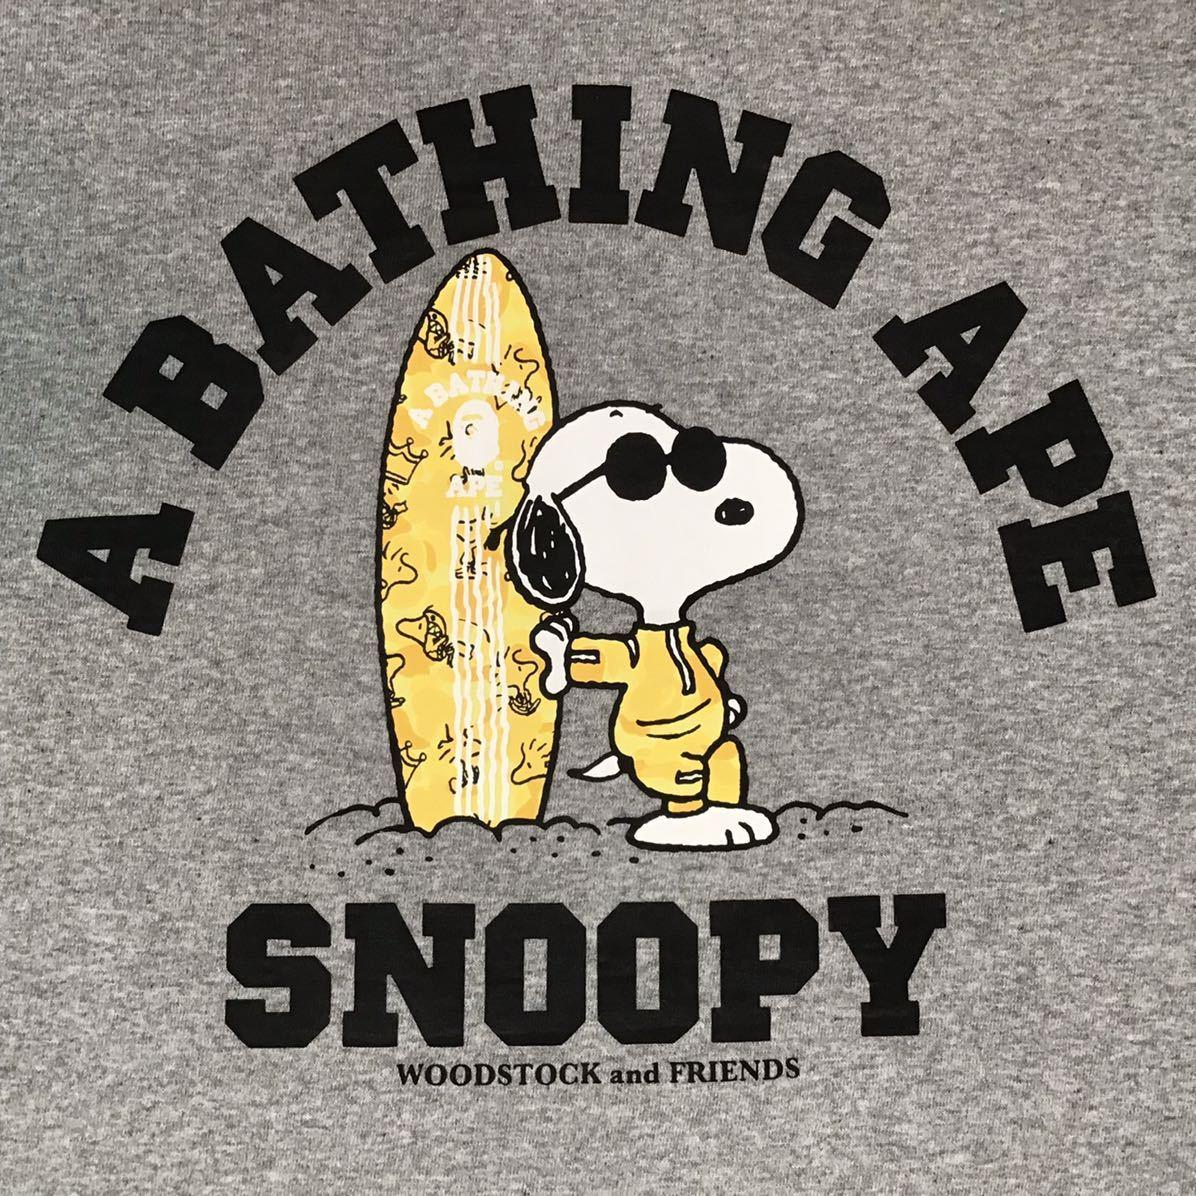 ★阪急限定★ SNOOPY × BAPE WOODSTOCK サーフボード Tシャツ Mサイズ a bathing ape bape スヌーピー エイプ ベイプ アベイシングエイプ